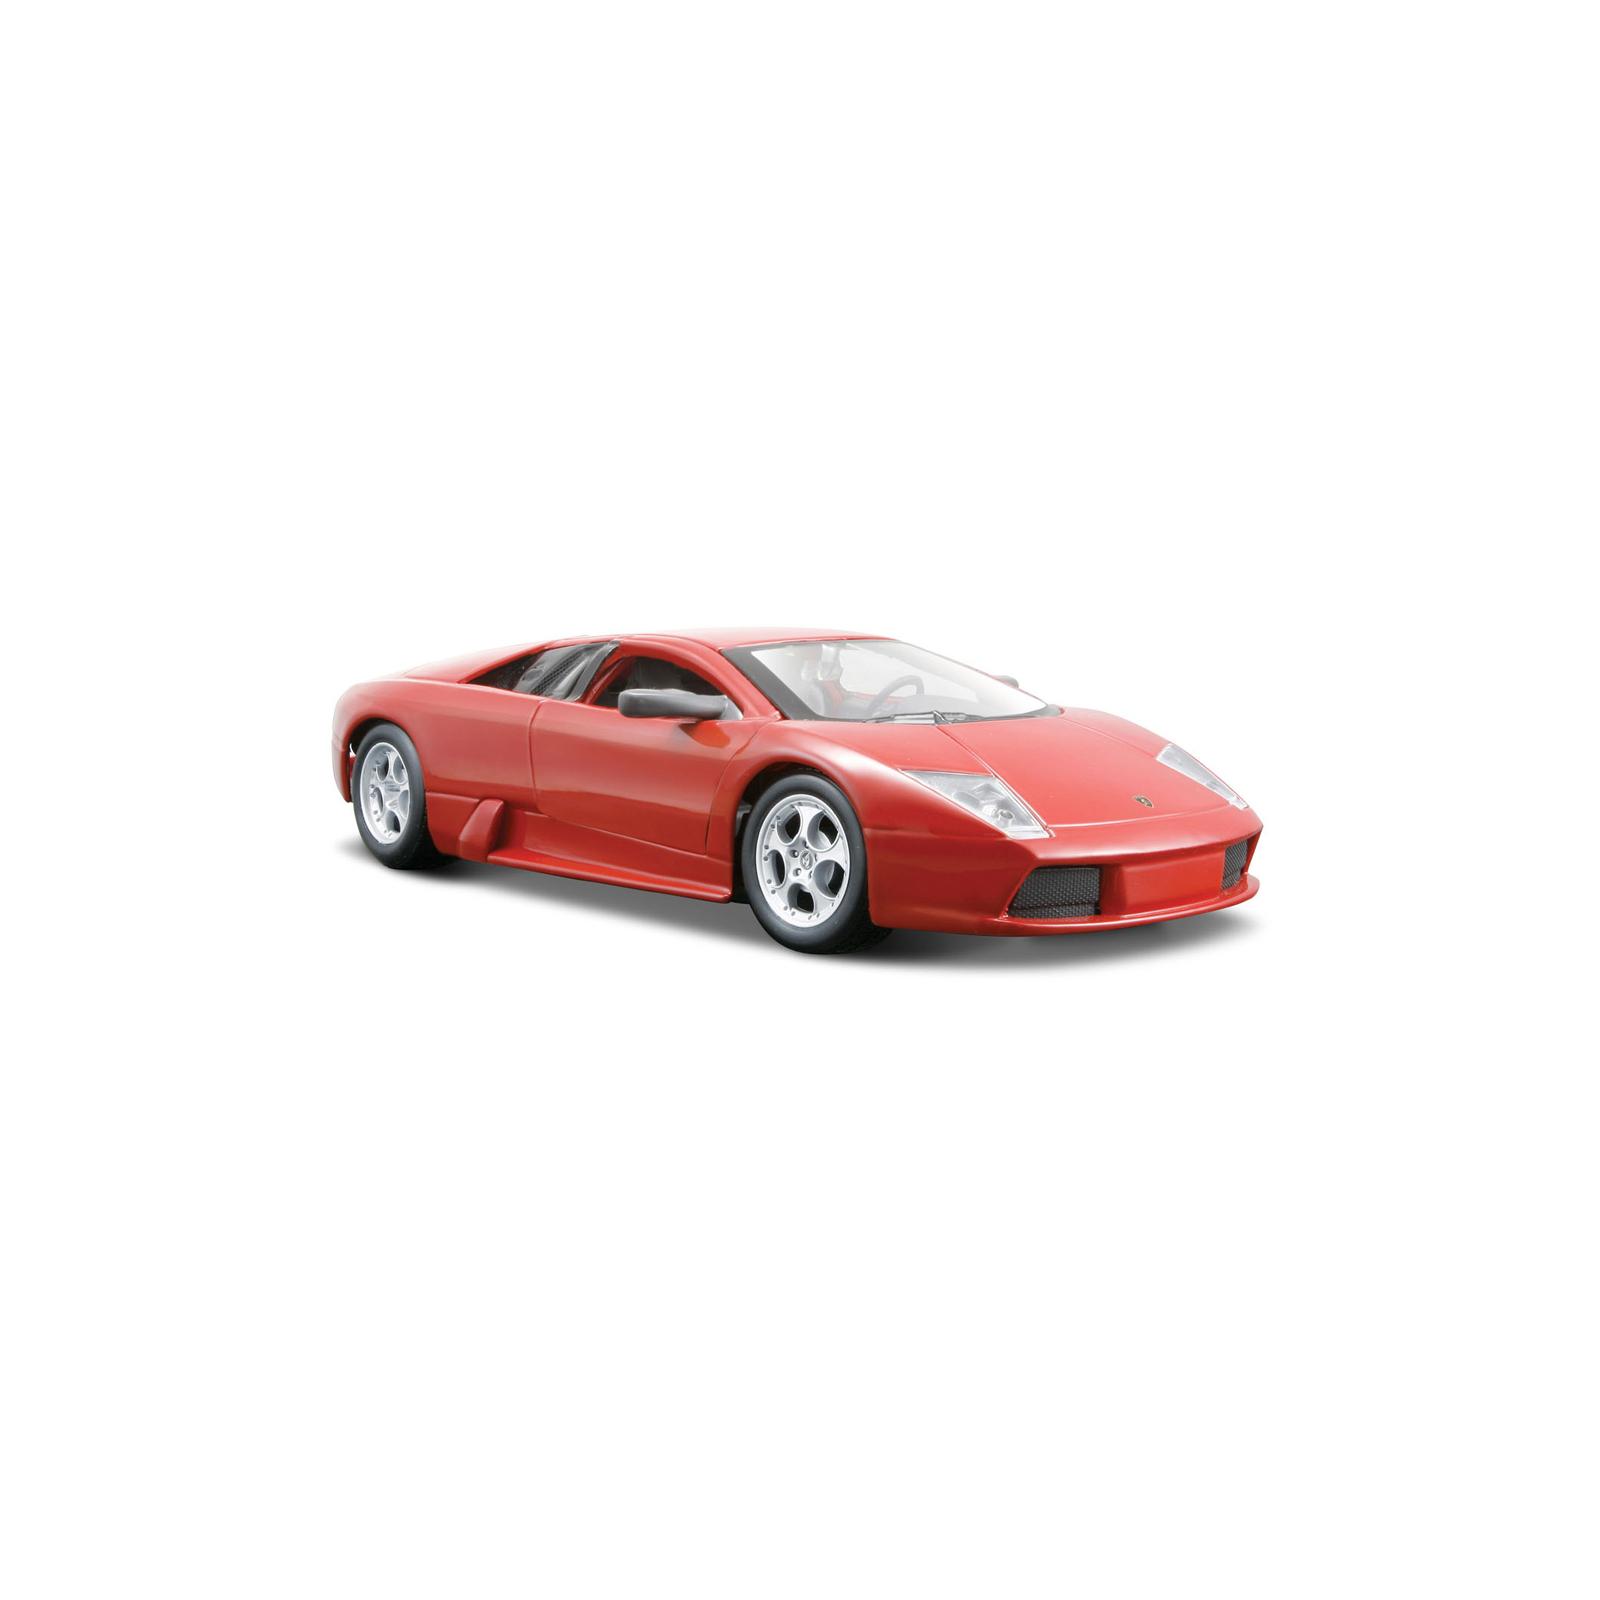 Машина Maisto Lamborghini Murcielago (1:24) красный металлик (31238 red)